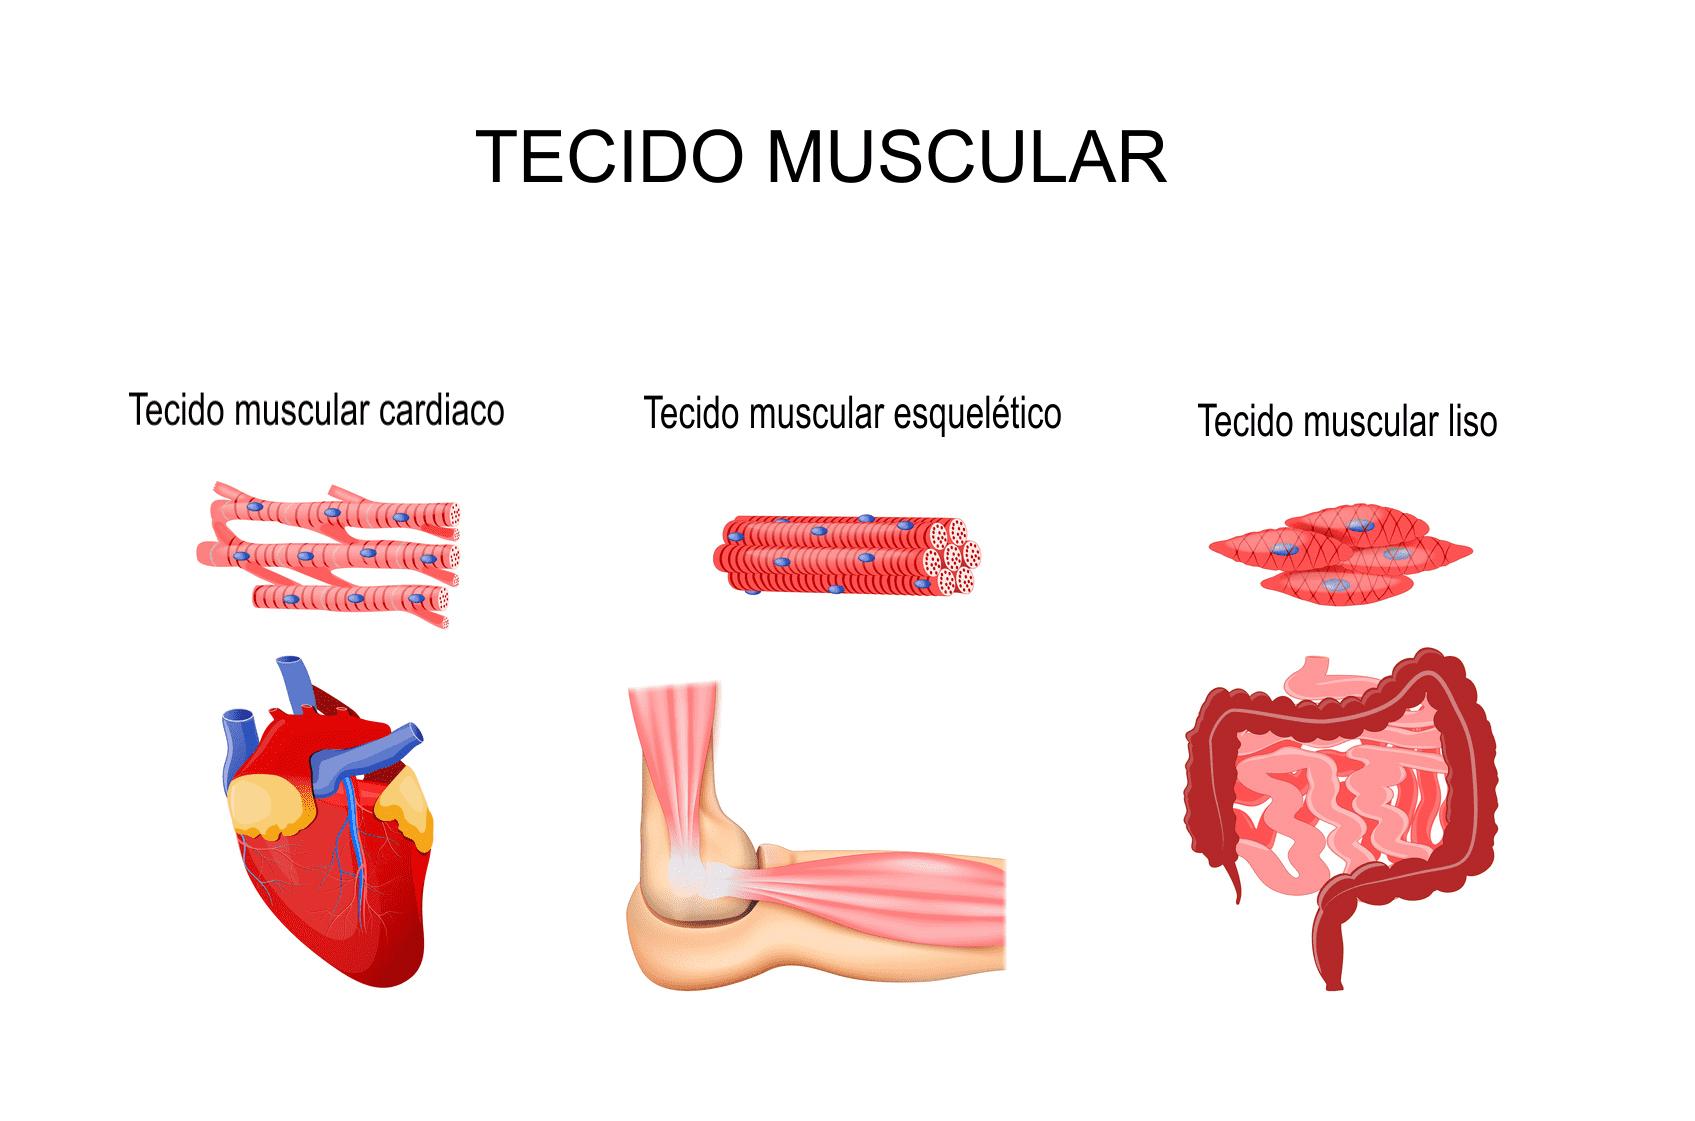 Ilustração dos três tecidos musculares: estriado esquelético, estriado cardíaco e liso.